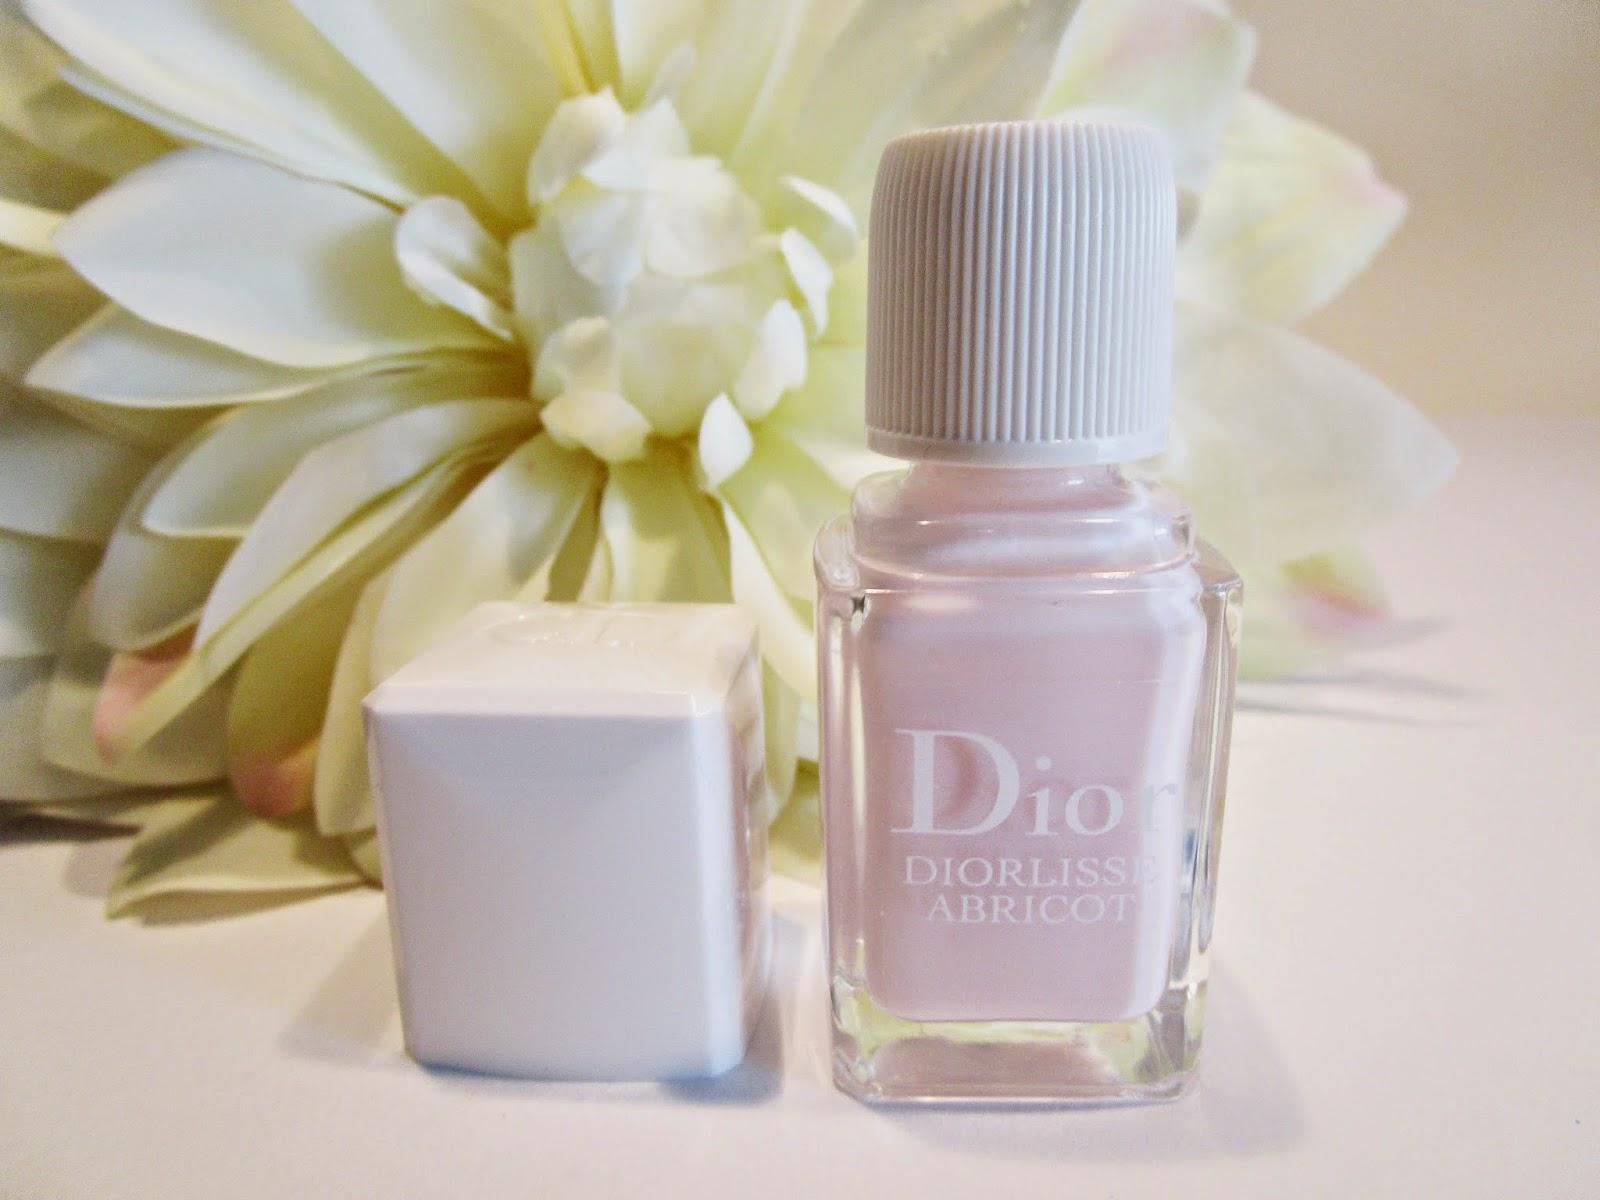 Laca de uñas Diorlisse Abricot de Christian Dior